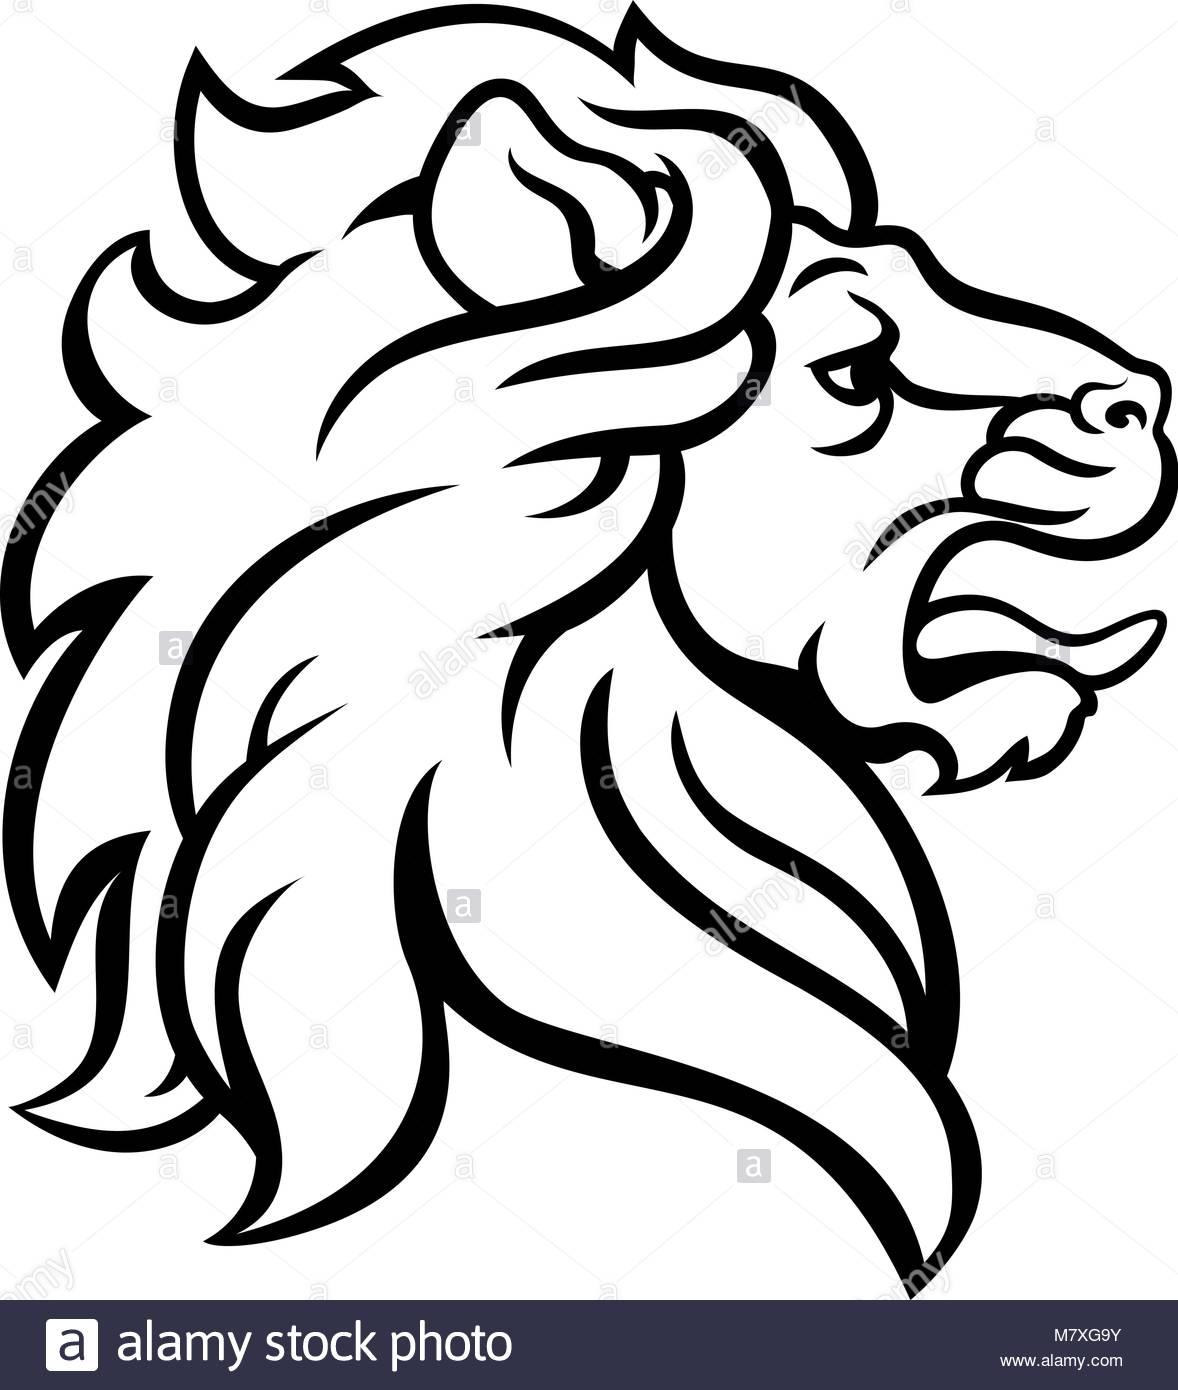 1178x1390 Lion Head Side Profile Stock Photos Amp Lion Head Side Profile Stock